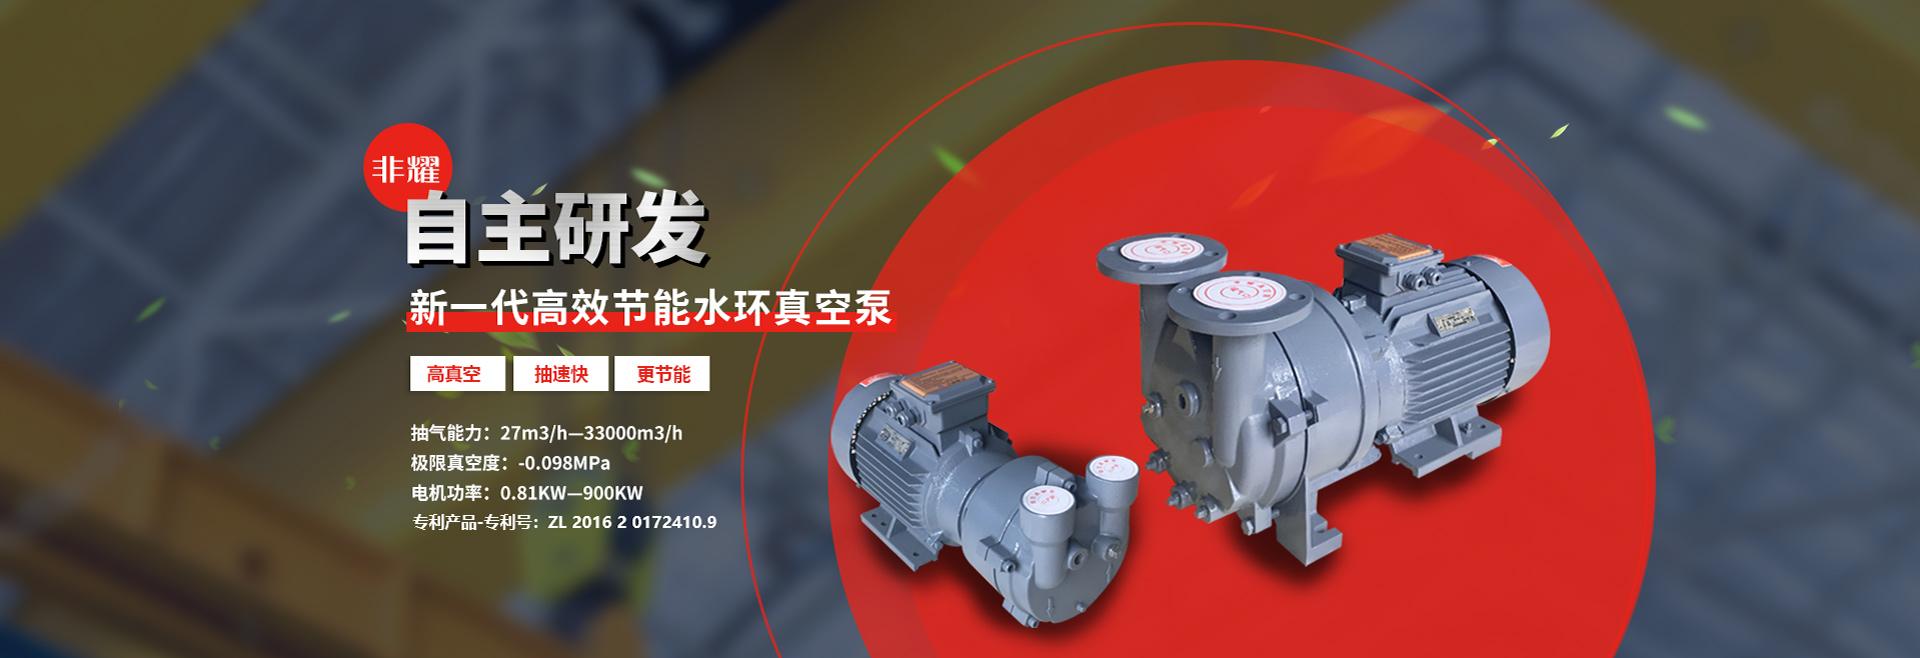 自主研发新一代高效节能水环真空泵